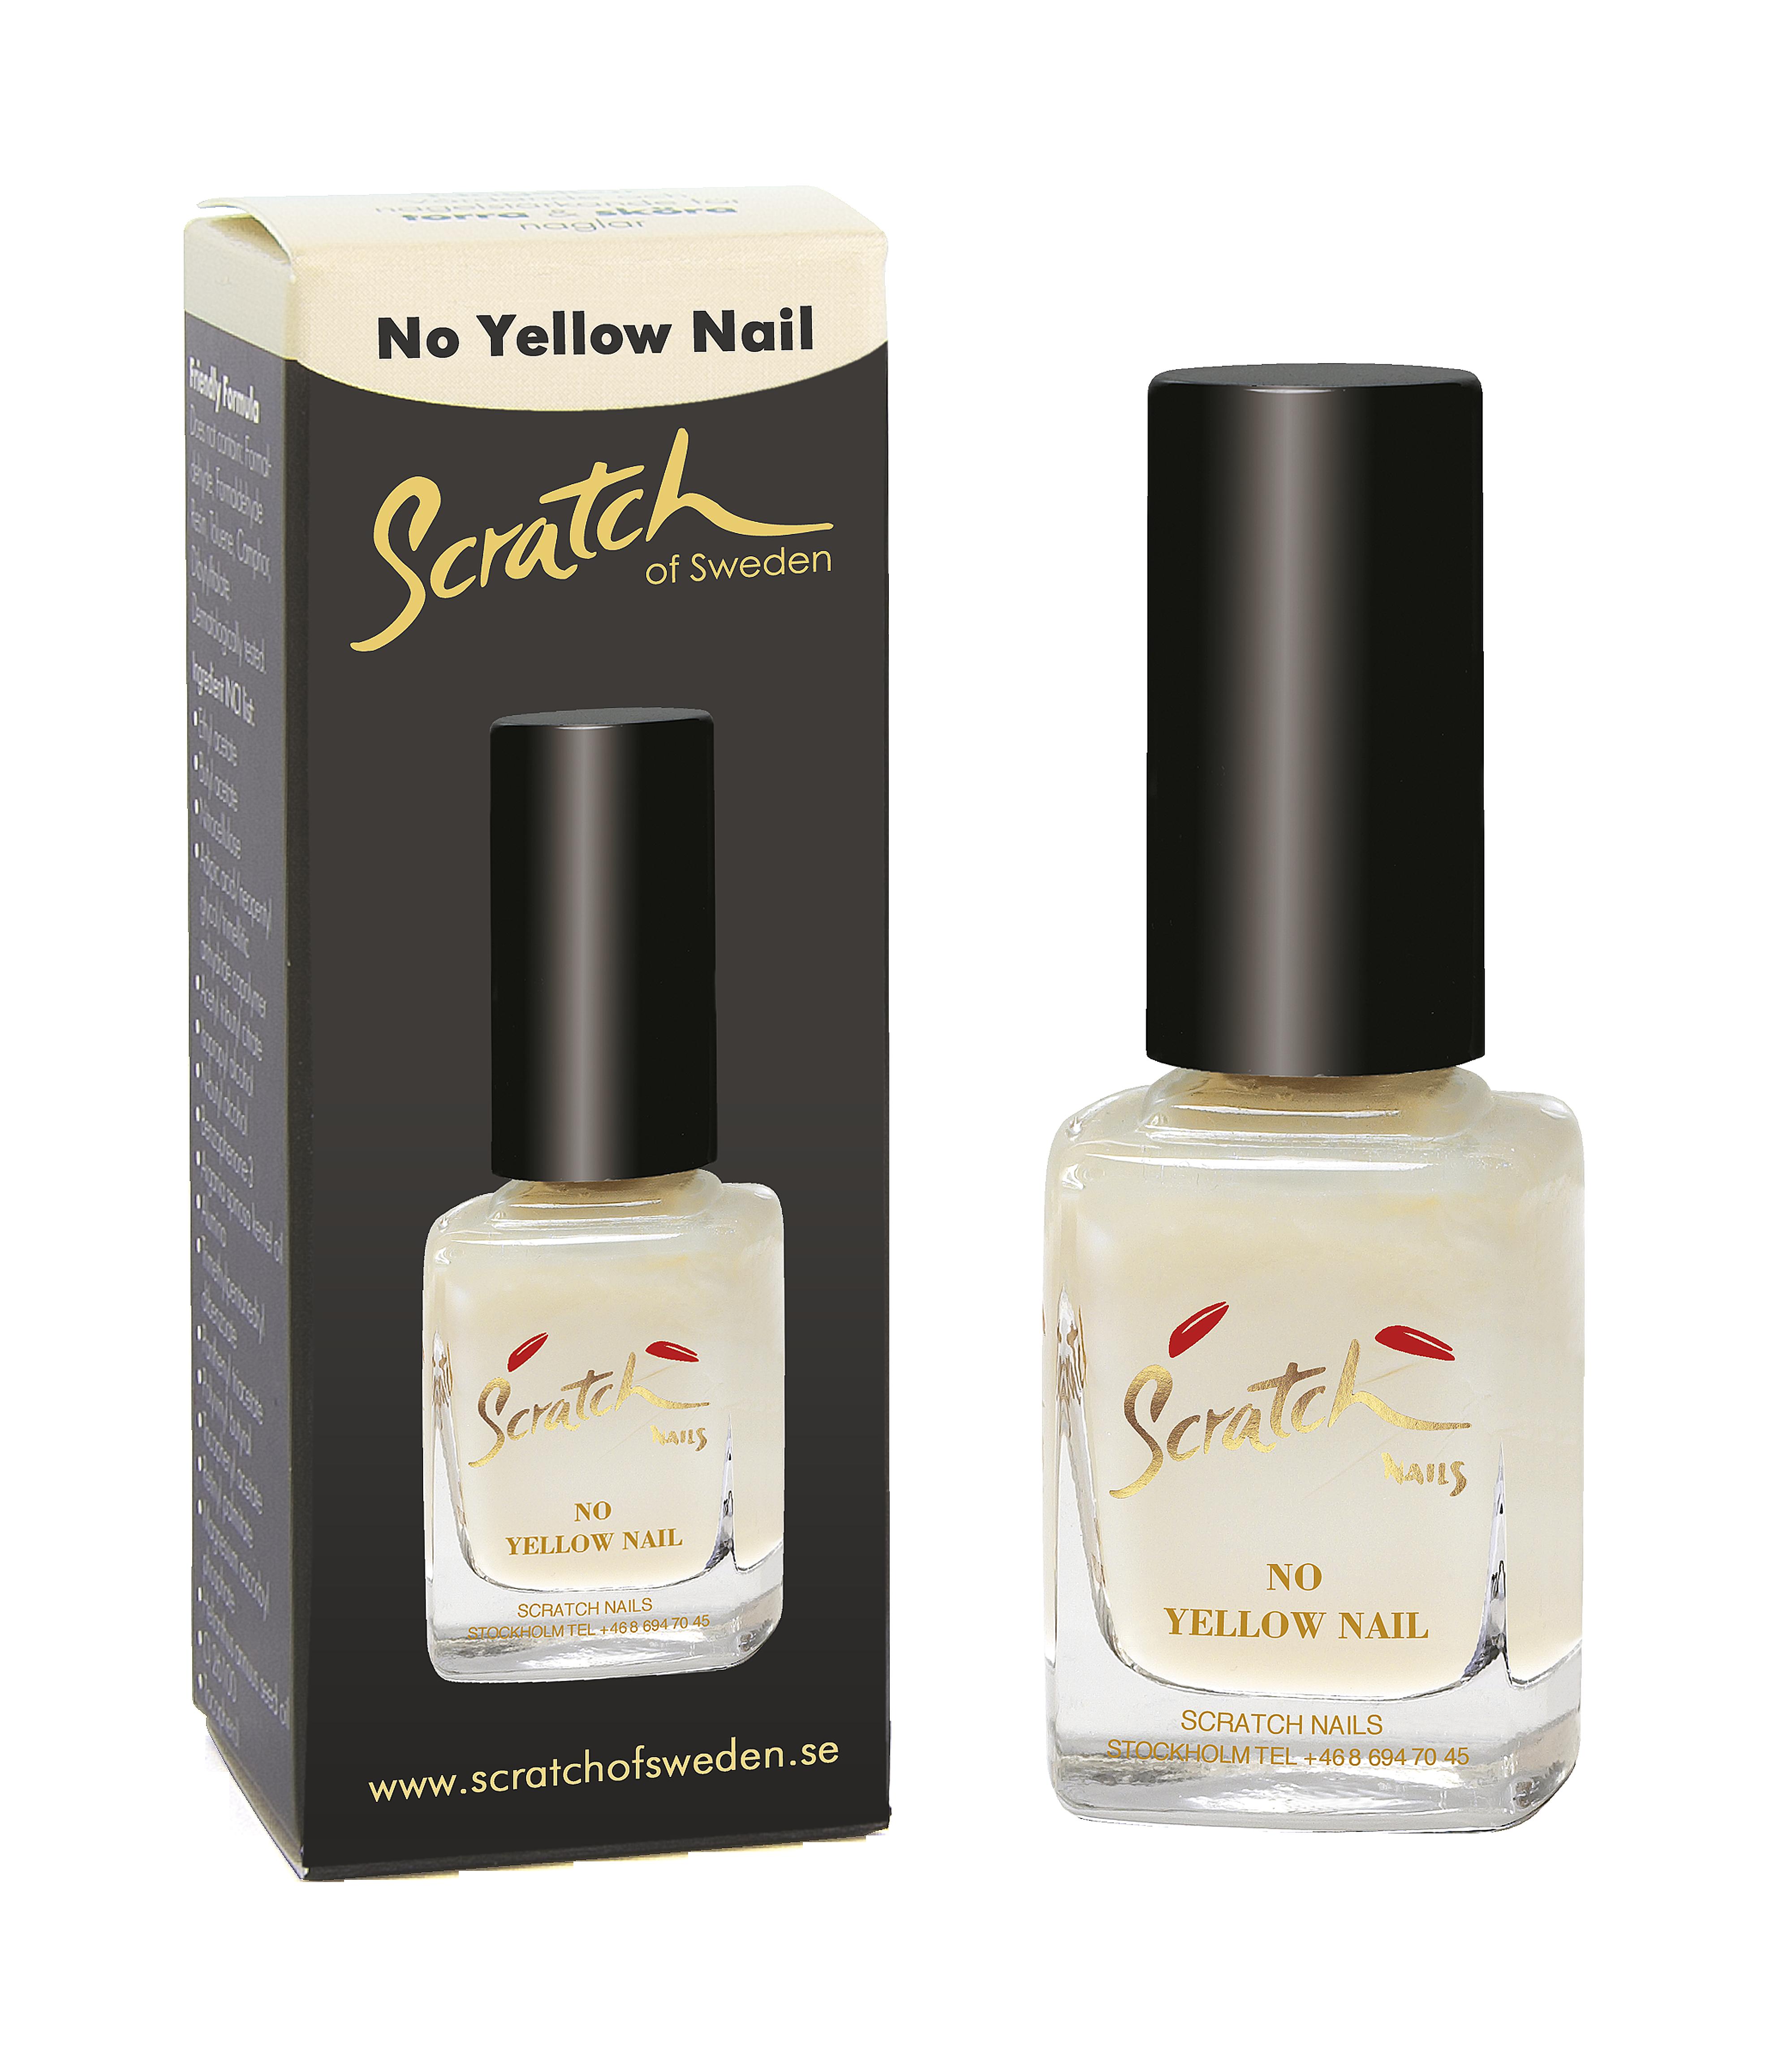 No Yellow Nail